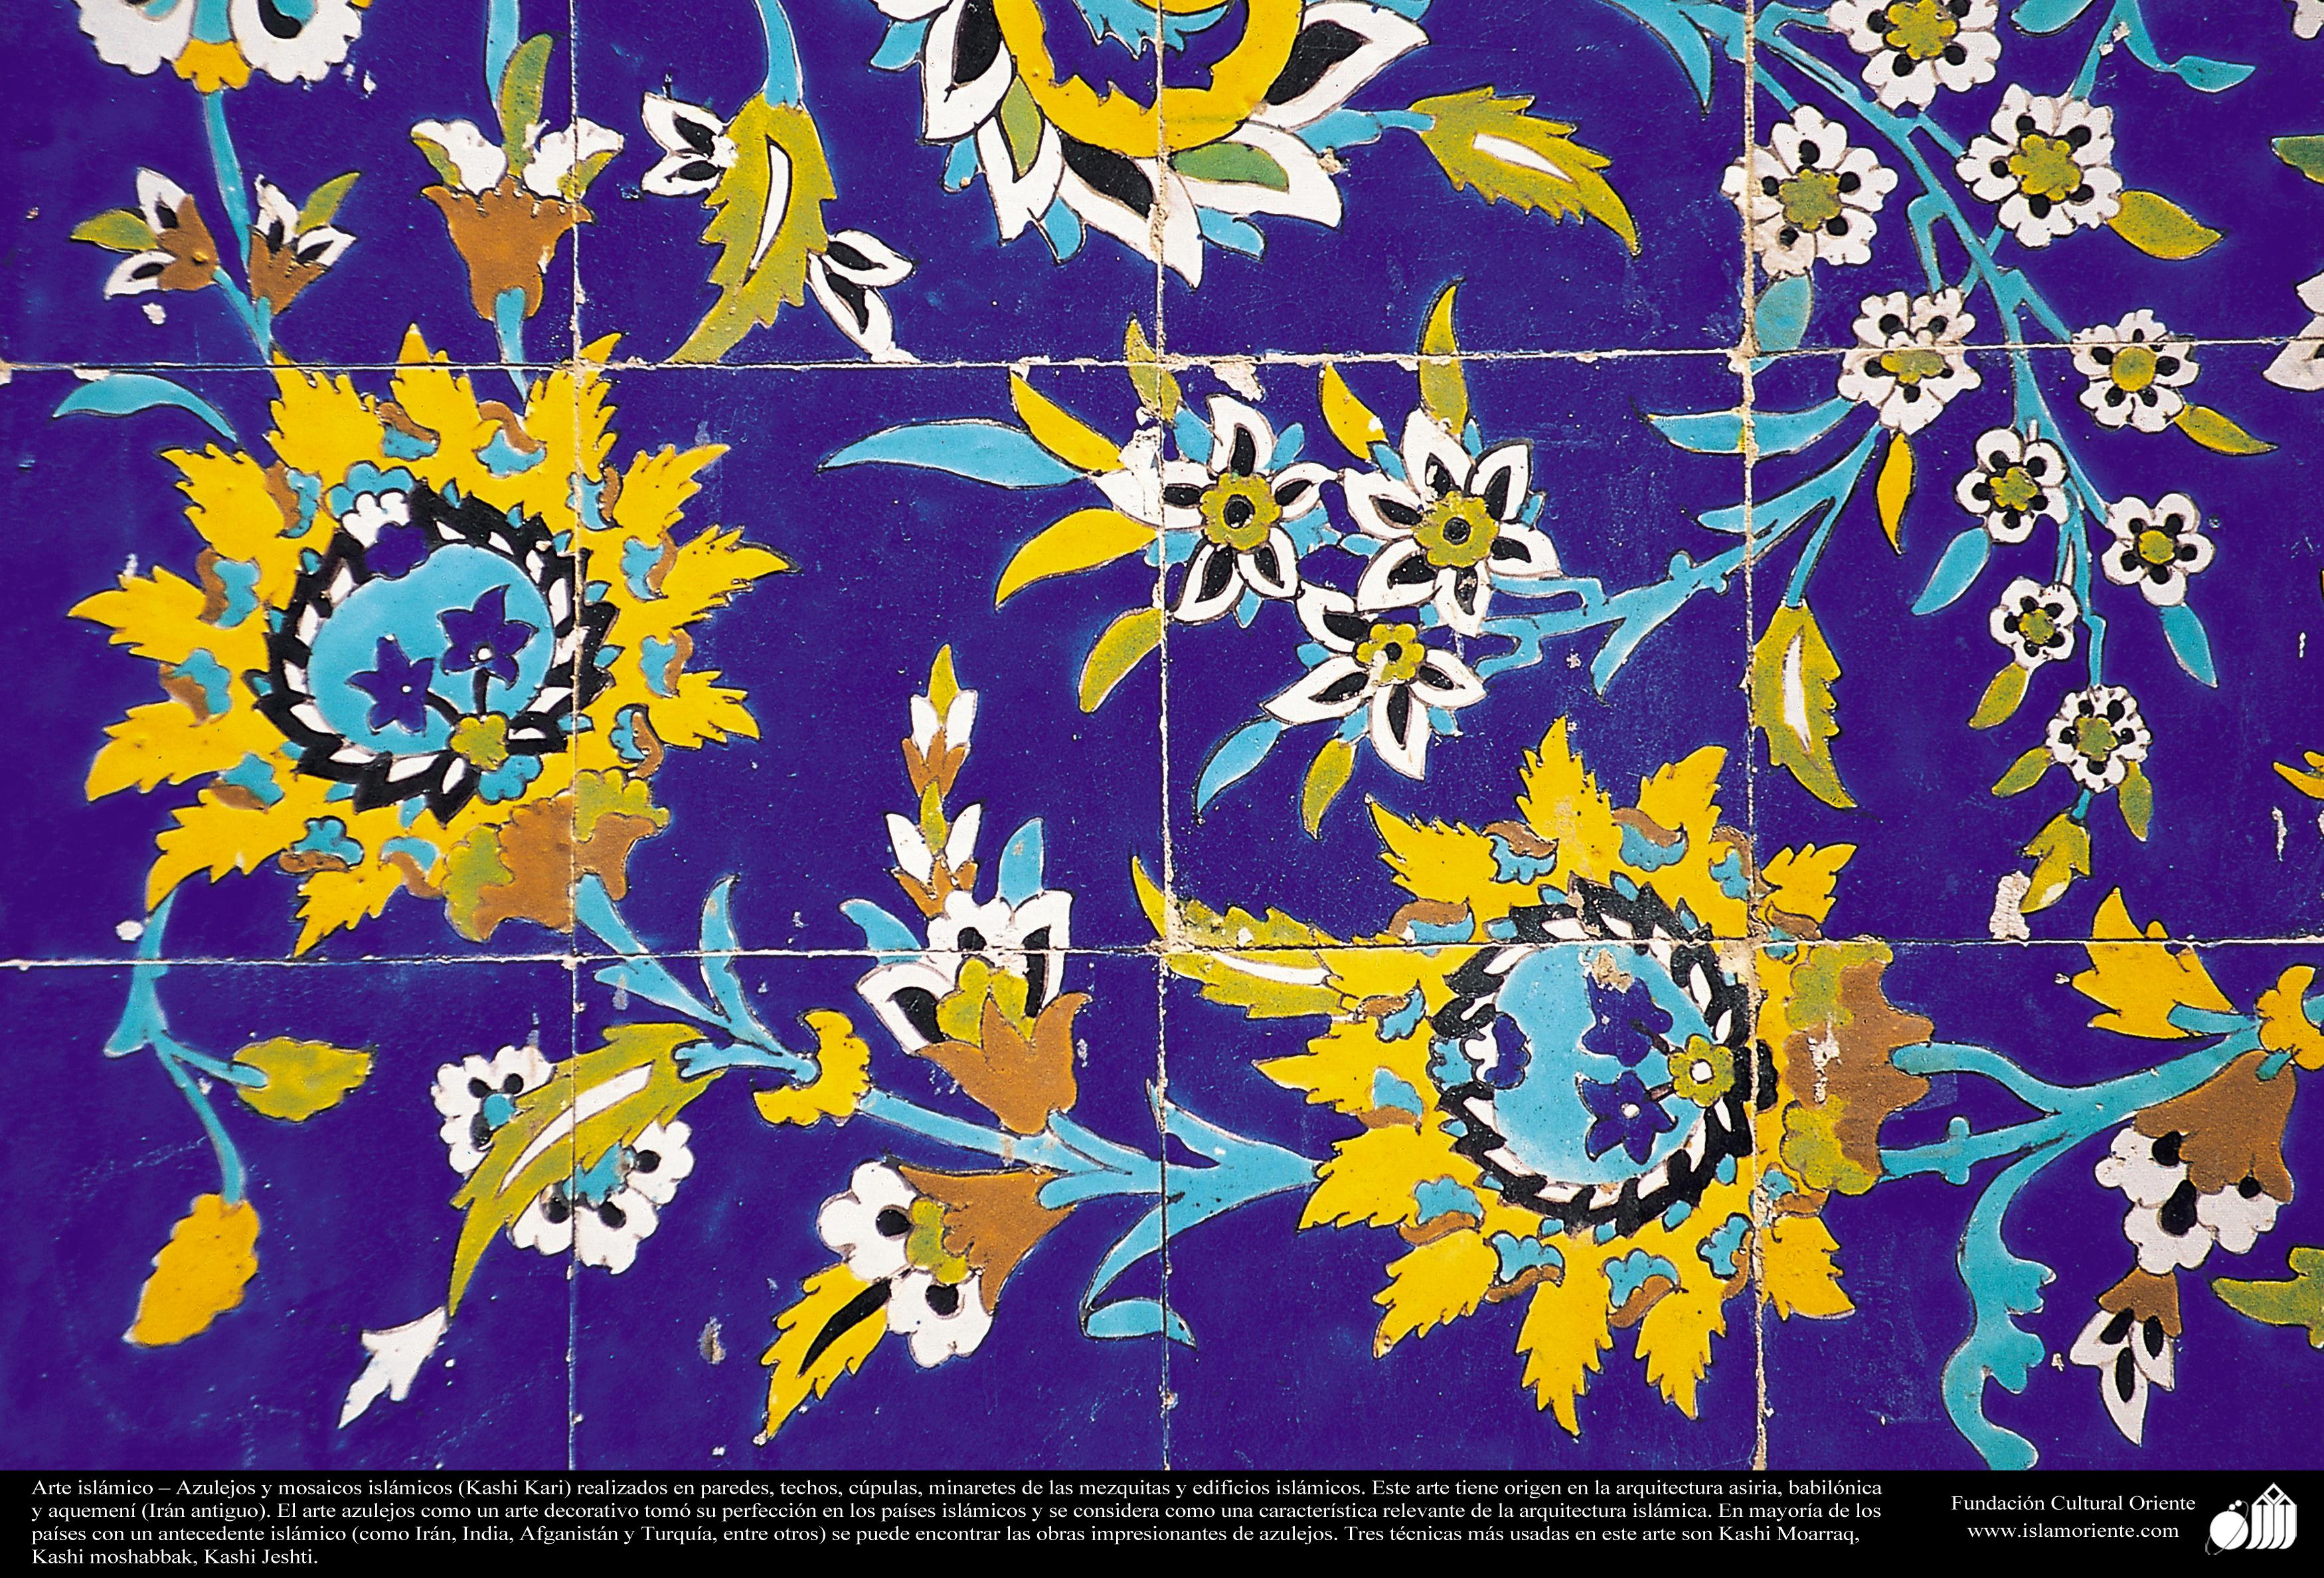 Mosaicos De Azulejos En Paredes Stunning Estamos A Los Azulejos O  ~ Mosaicos De Azulejos En Paredes